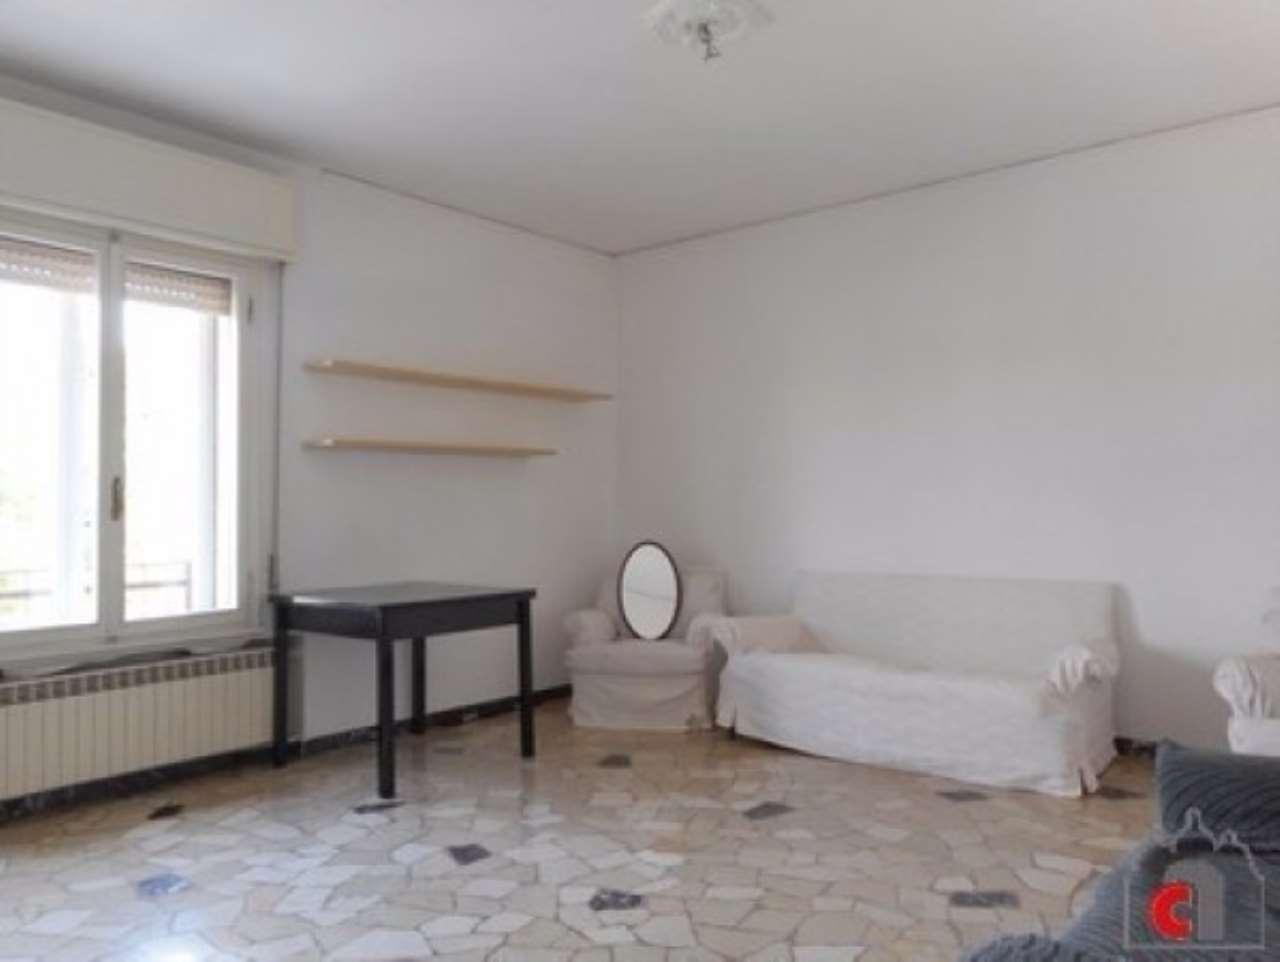 Appartamento in vendita a Padova, 5 locali, zona Zona: 5 . Sud-Ovest (Armistizio-Savonarola), prezzo € 115.000 | CambioCasa.it